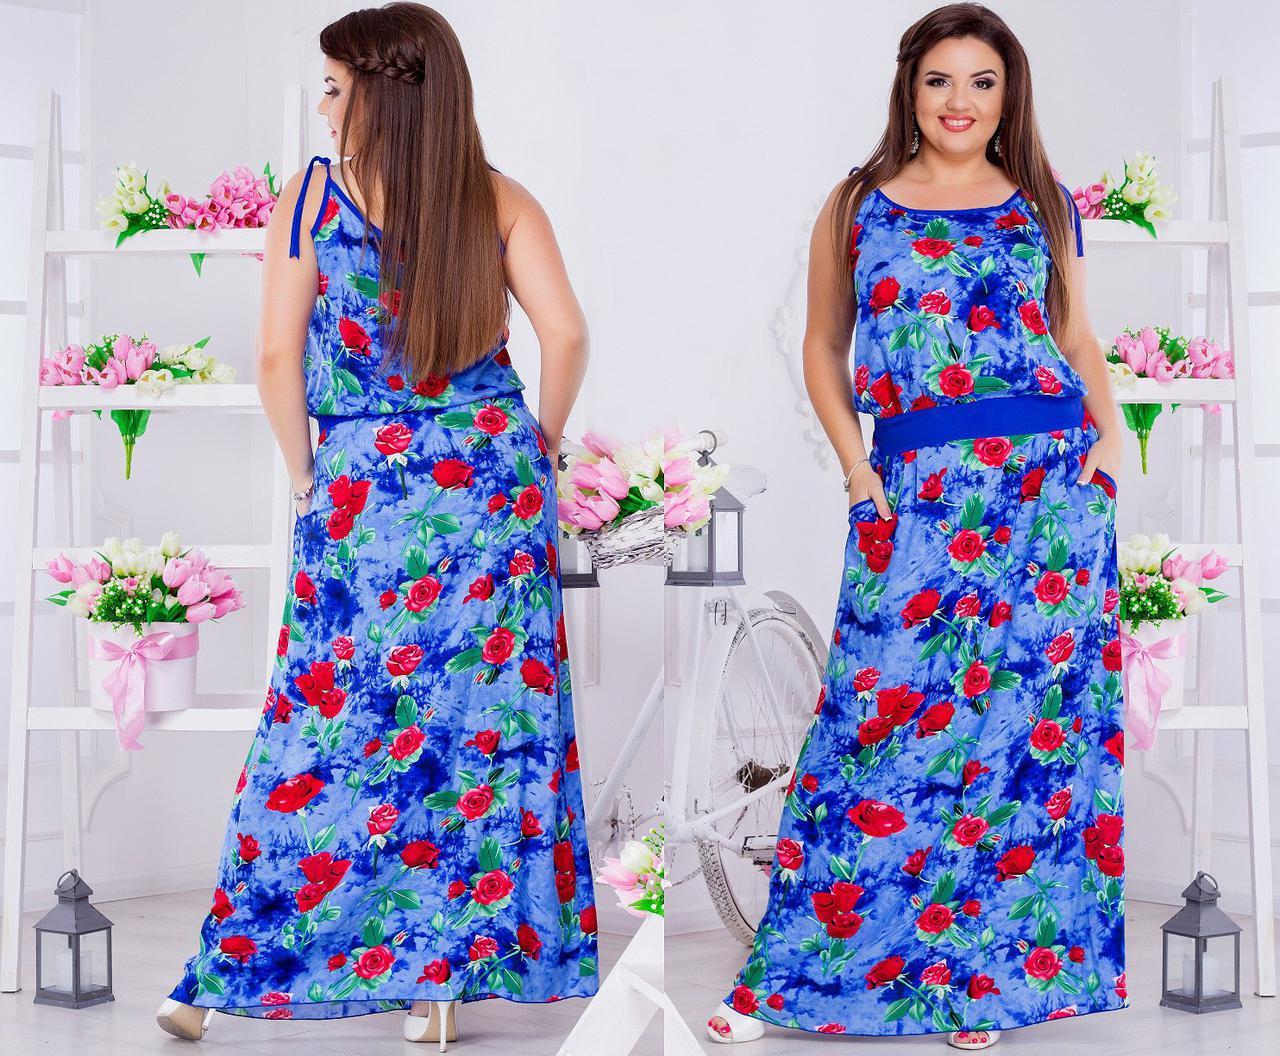 64ae67514c8 Летнее платье-макси на бретелях с цветочным принтом - Интернет-магазин  одежды